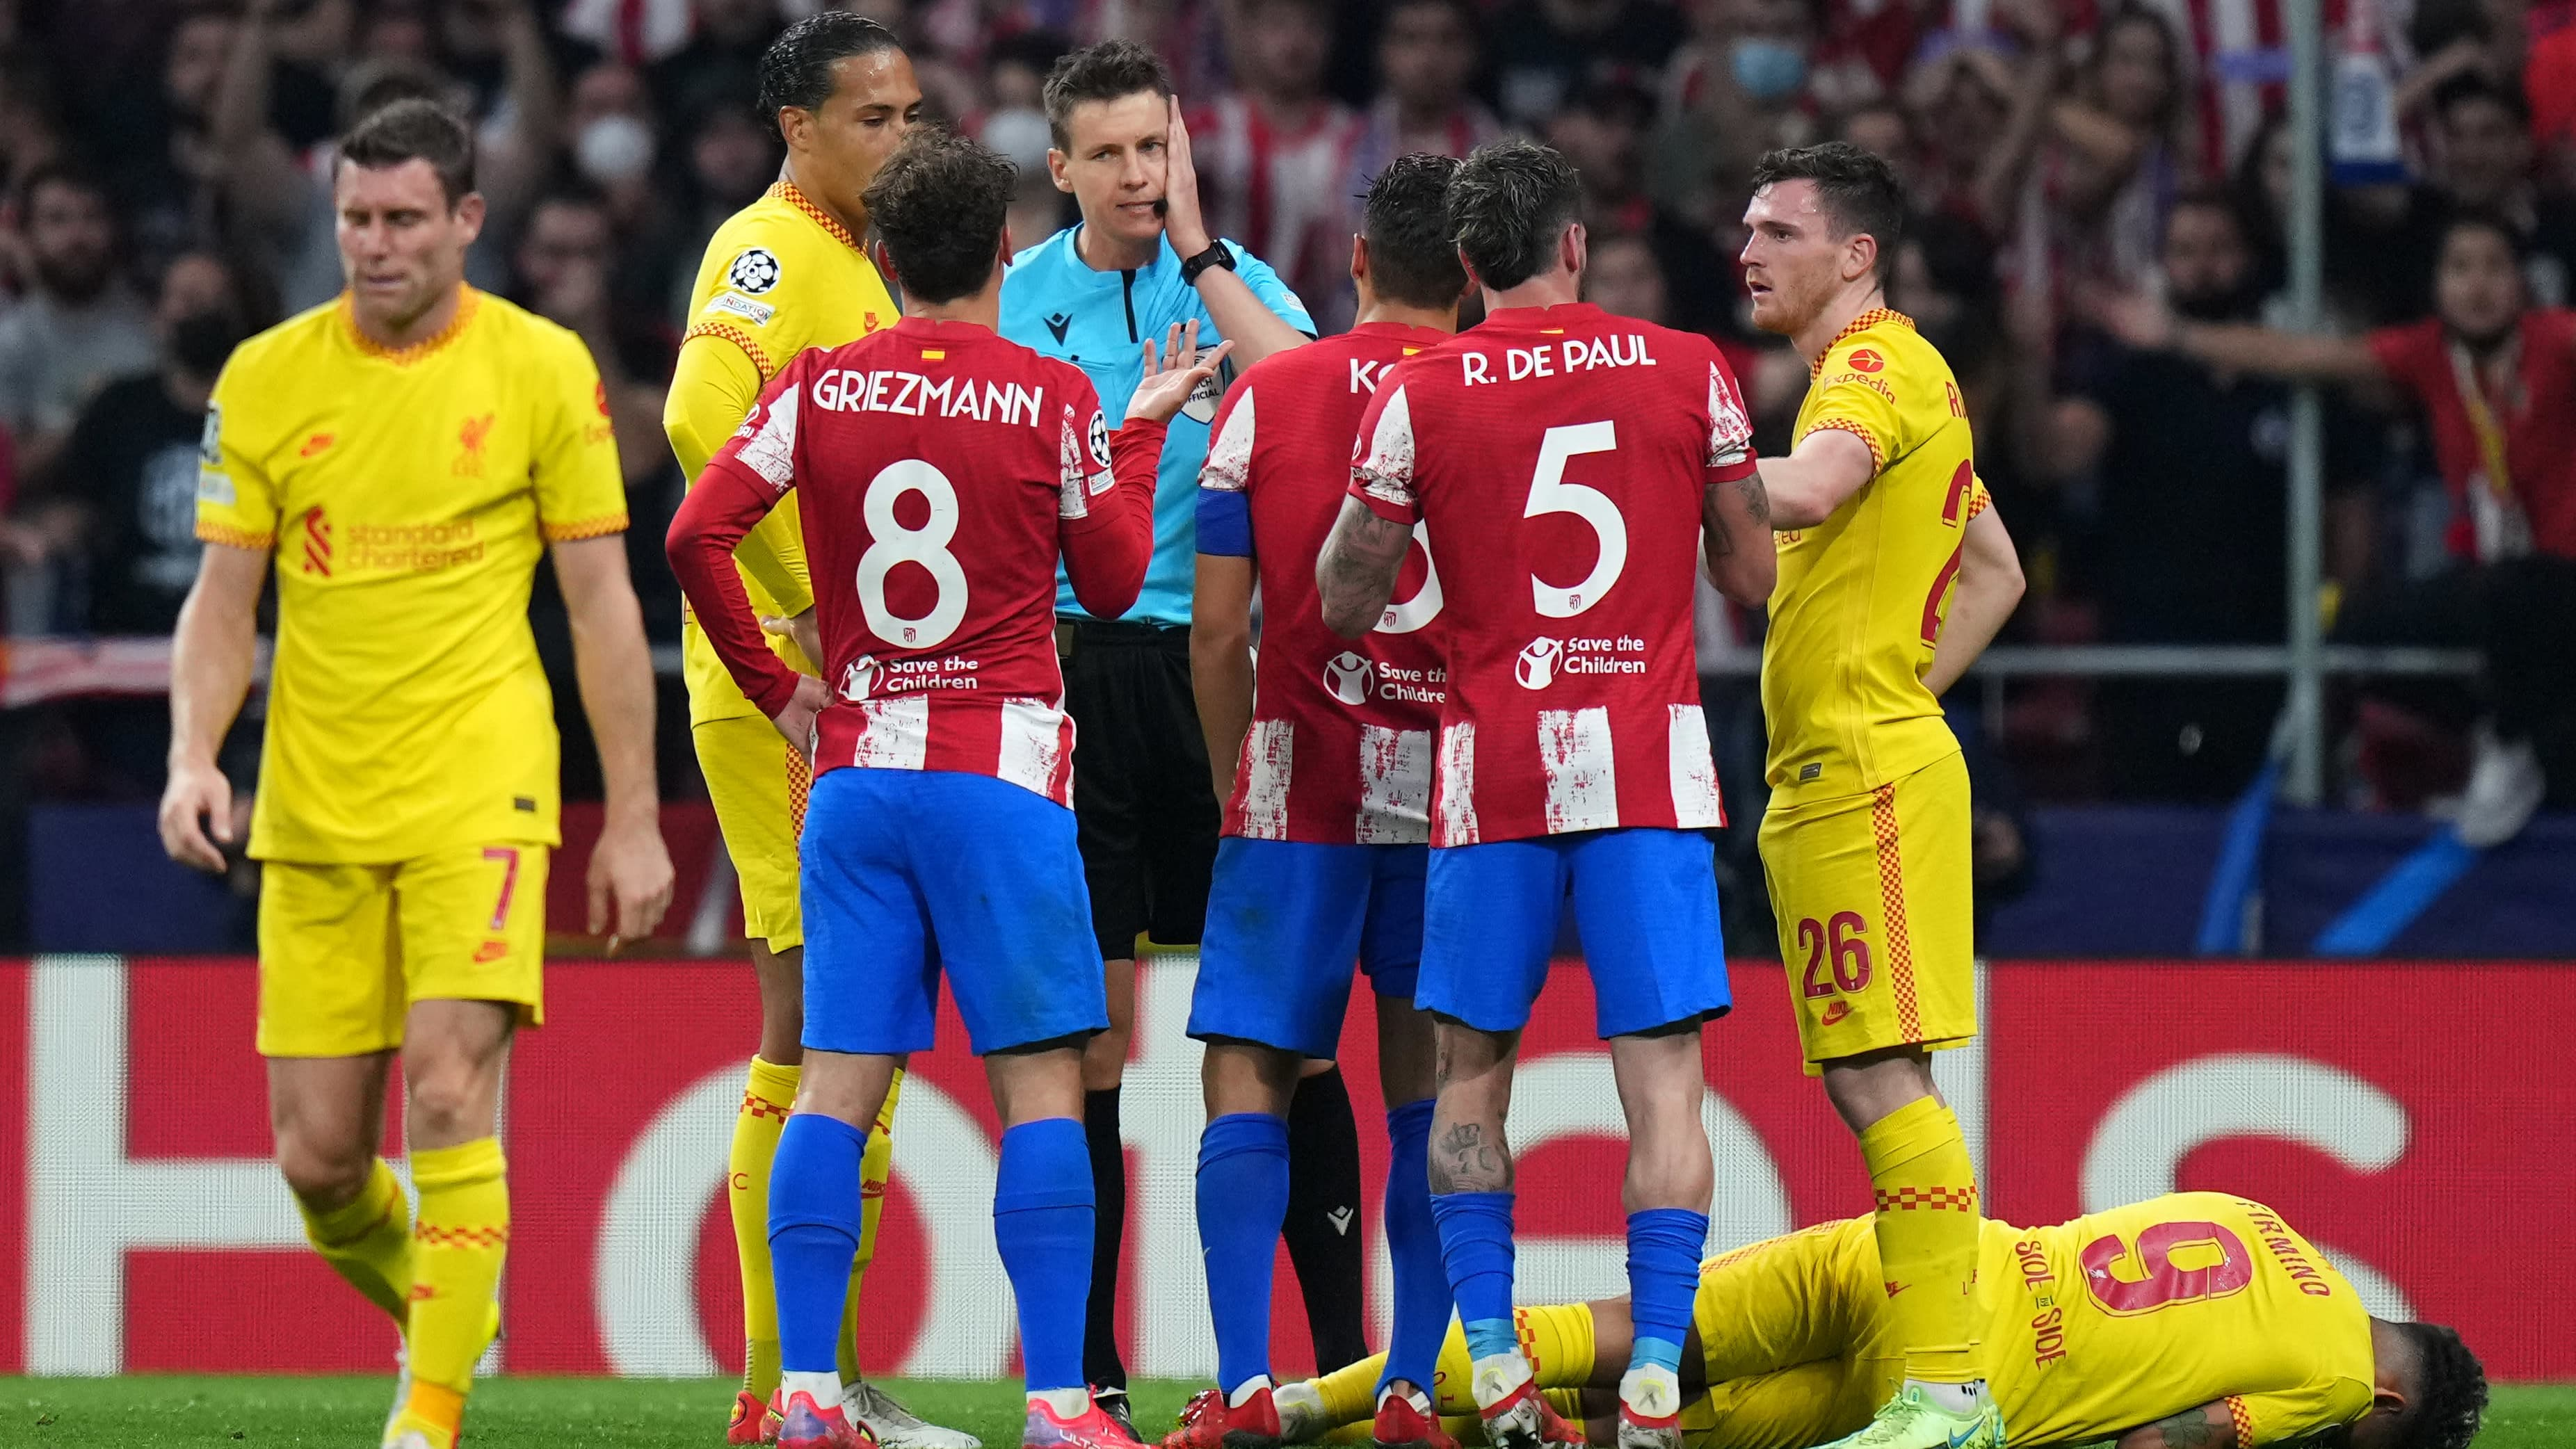 Liverpoolin Roberto Firmino kentän pinnassa, Atletico Madridin Antoine Griezmann sai tilanteesta punaisen kortin. Tuomari Daniel Siebert oli tulisilla hiilillä huippupelissä.